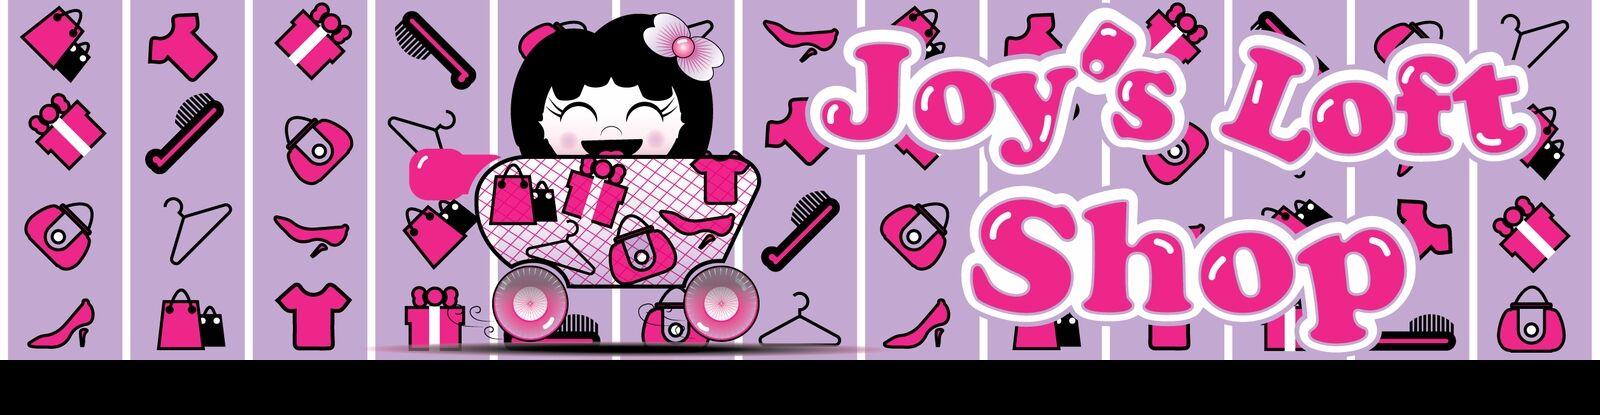 Joy's Loft Shop